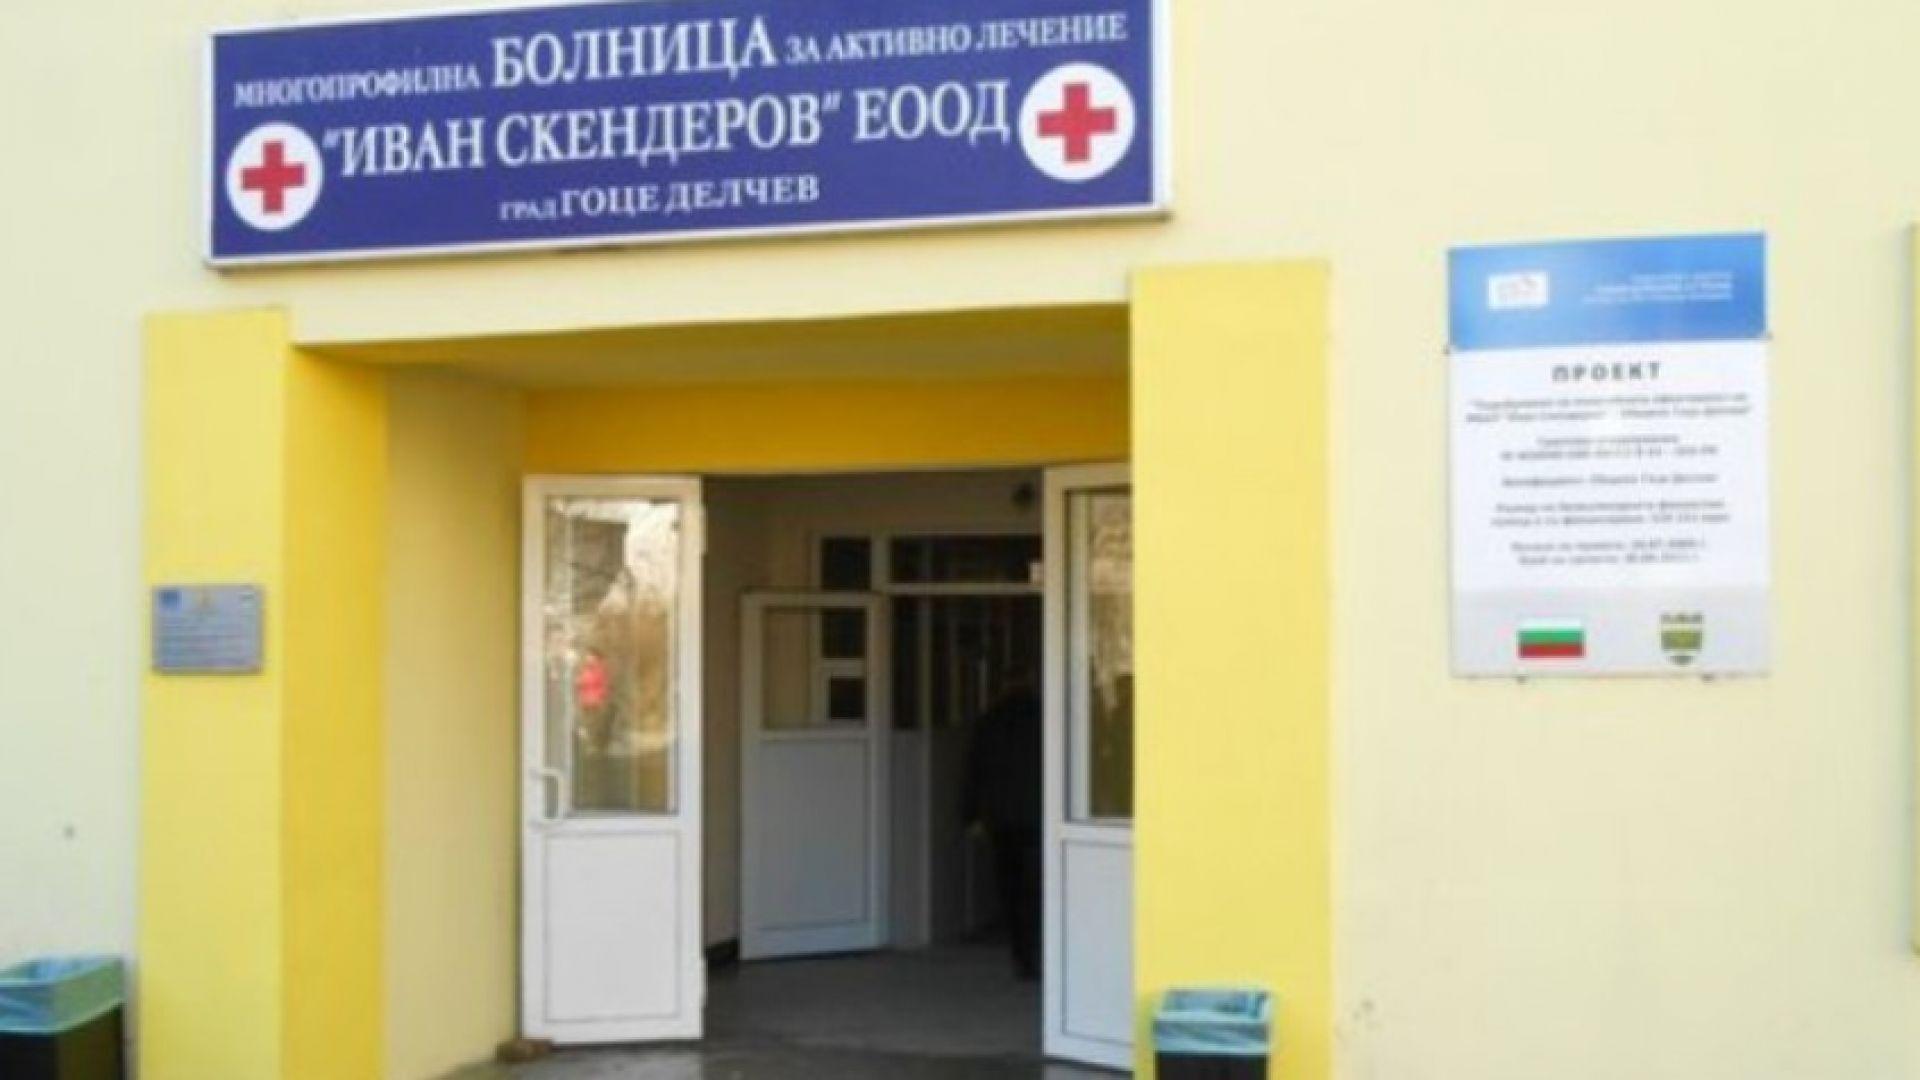 Наемат четирима анестиолози в болницата в Гоце Делчев след смъртта на д-р Милан Първанов